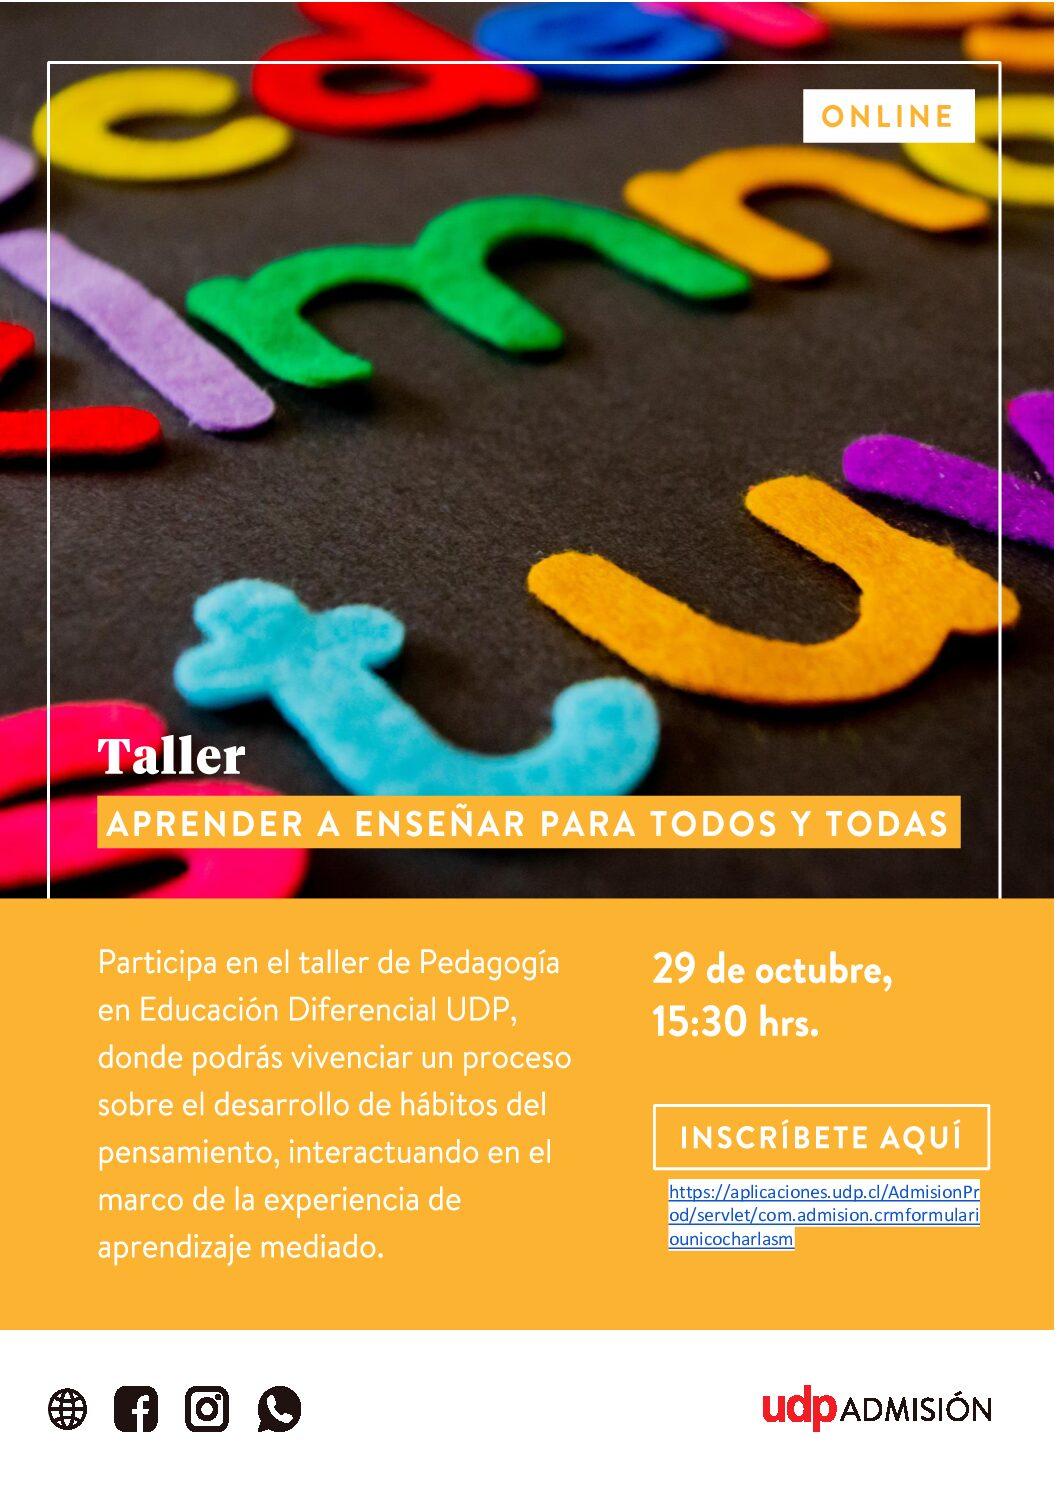 Taller Pedagogía en Educación Diferencial